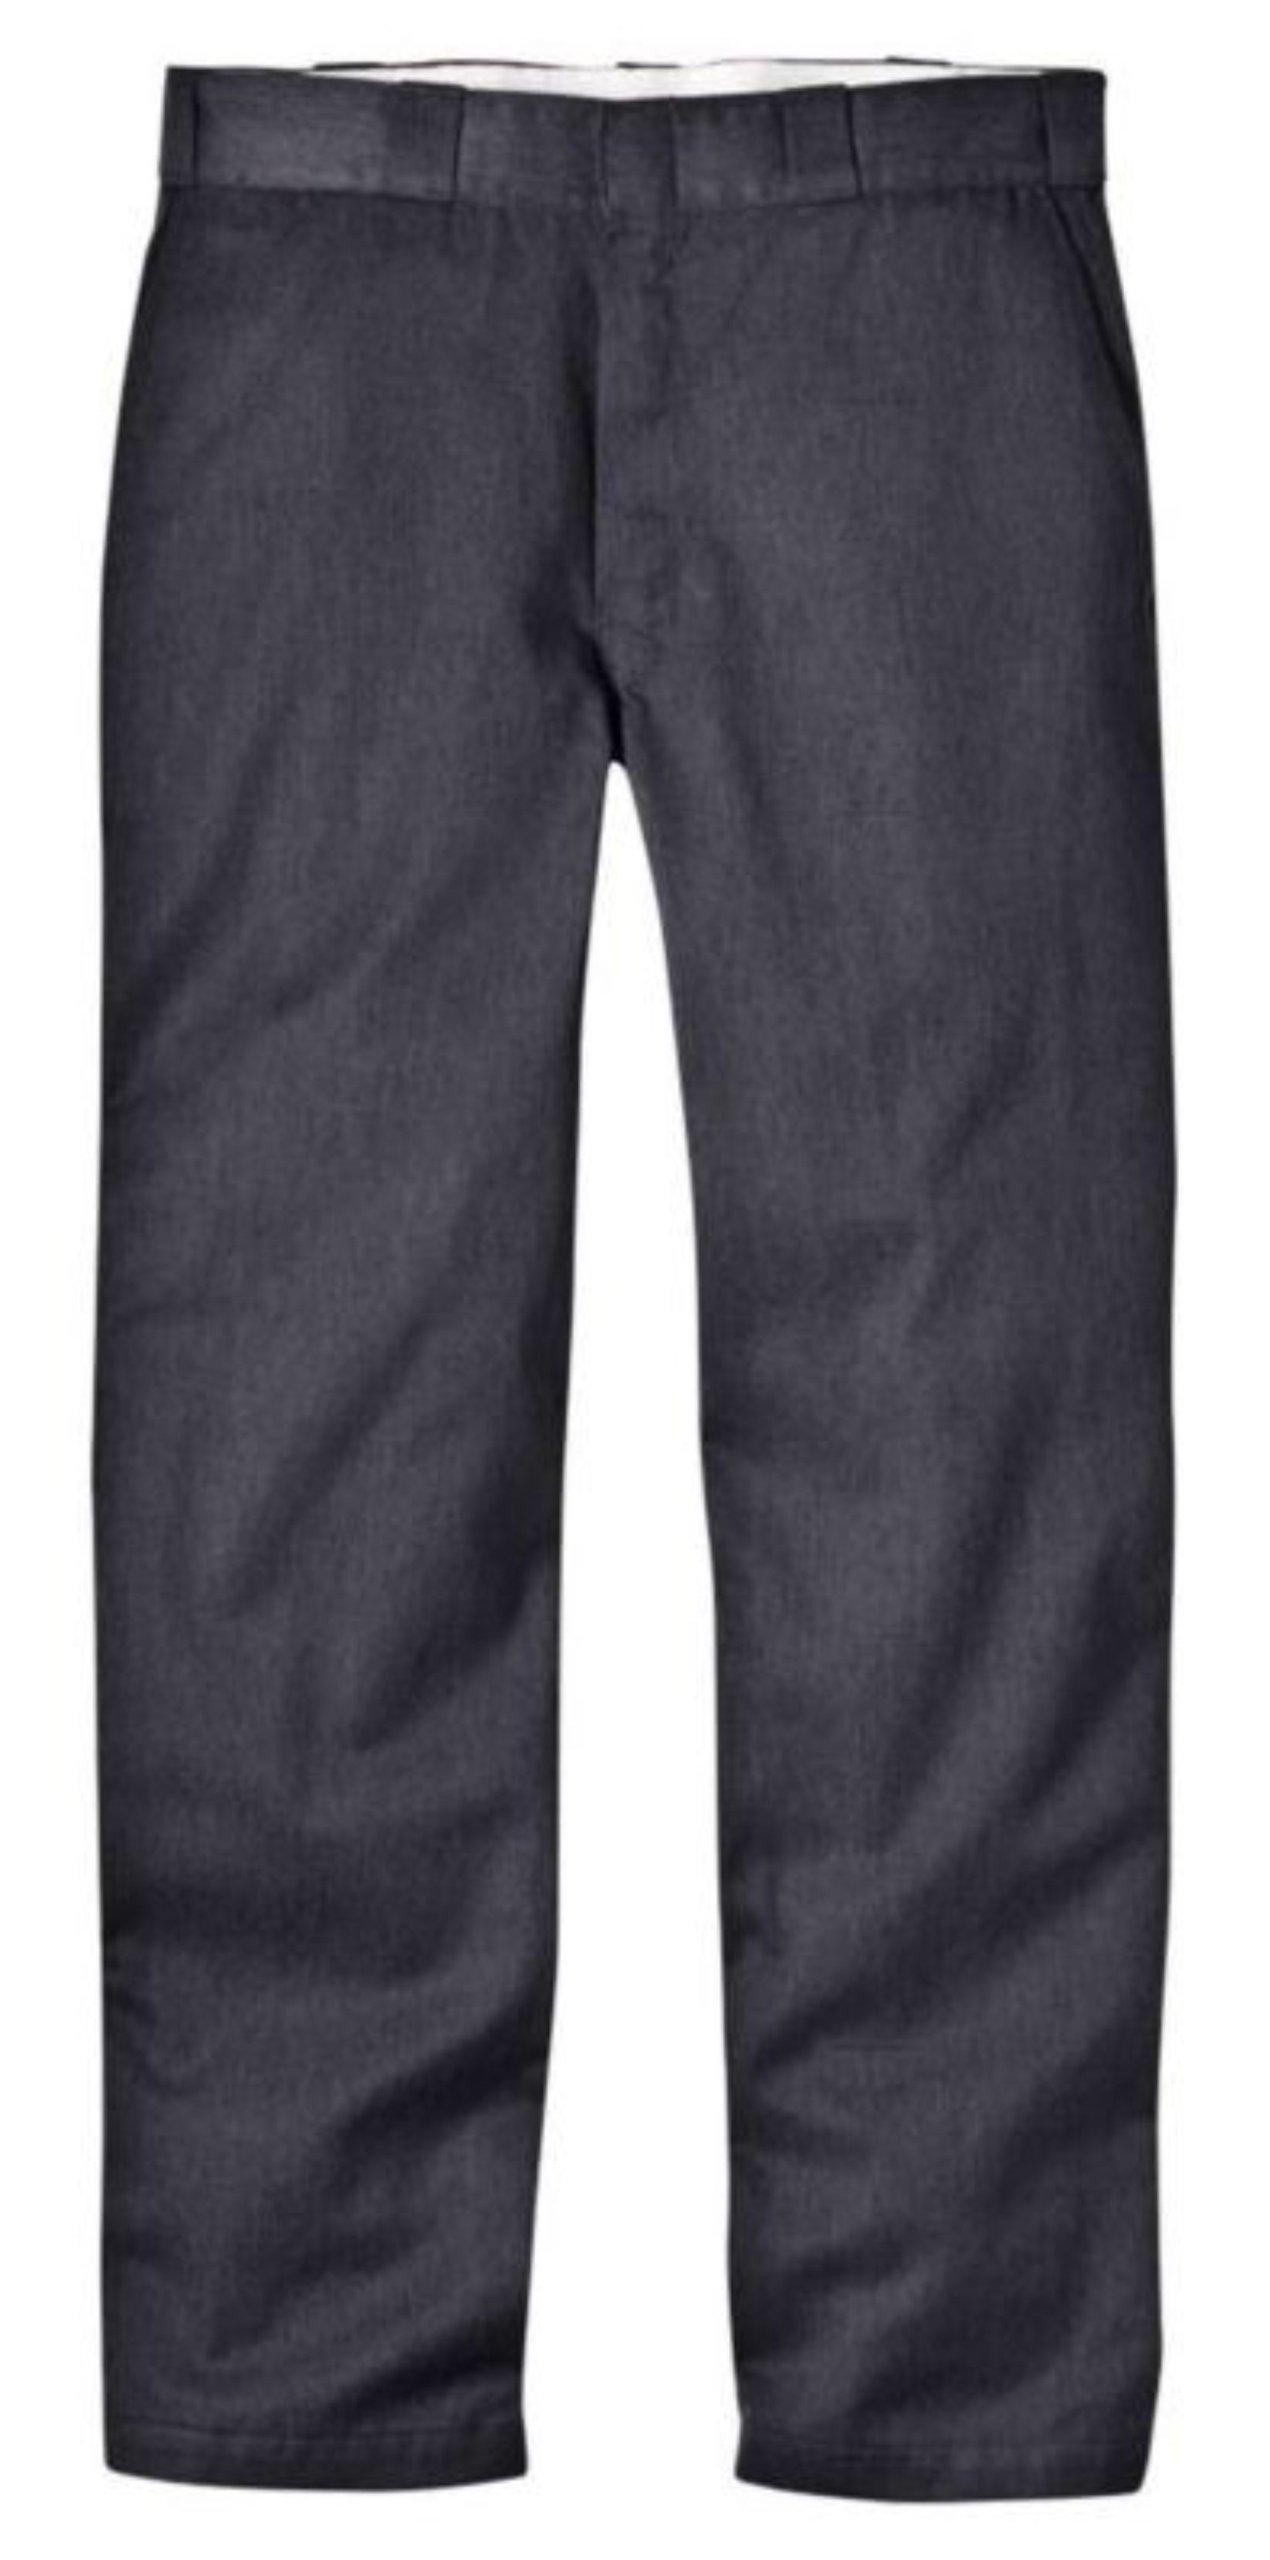 Dickies Men's Original 874 Work Pant, Charcoal, 29W x 32L